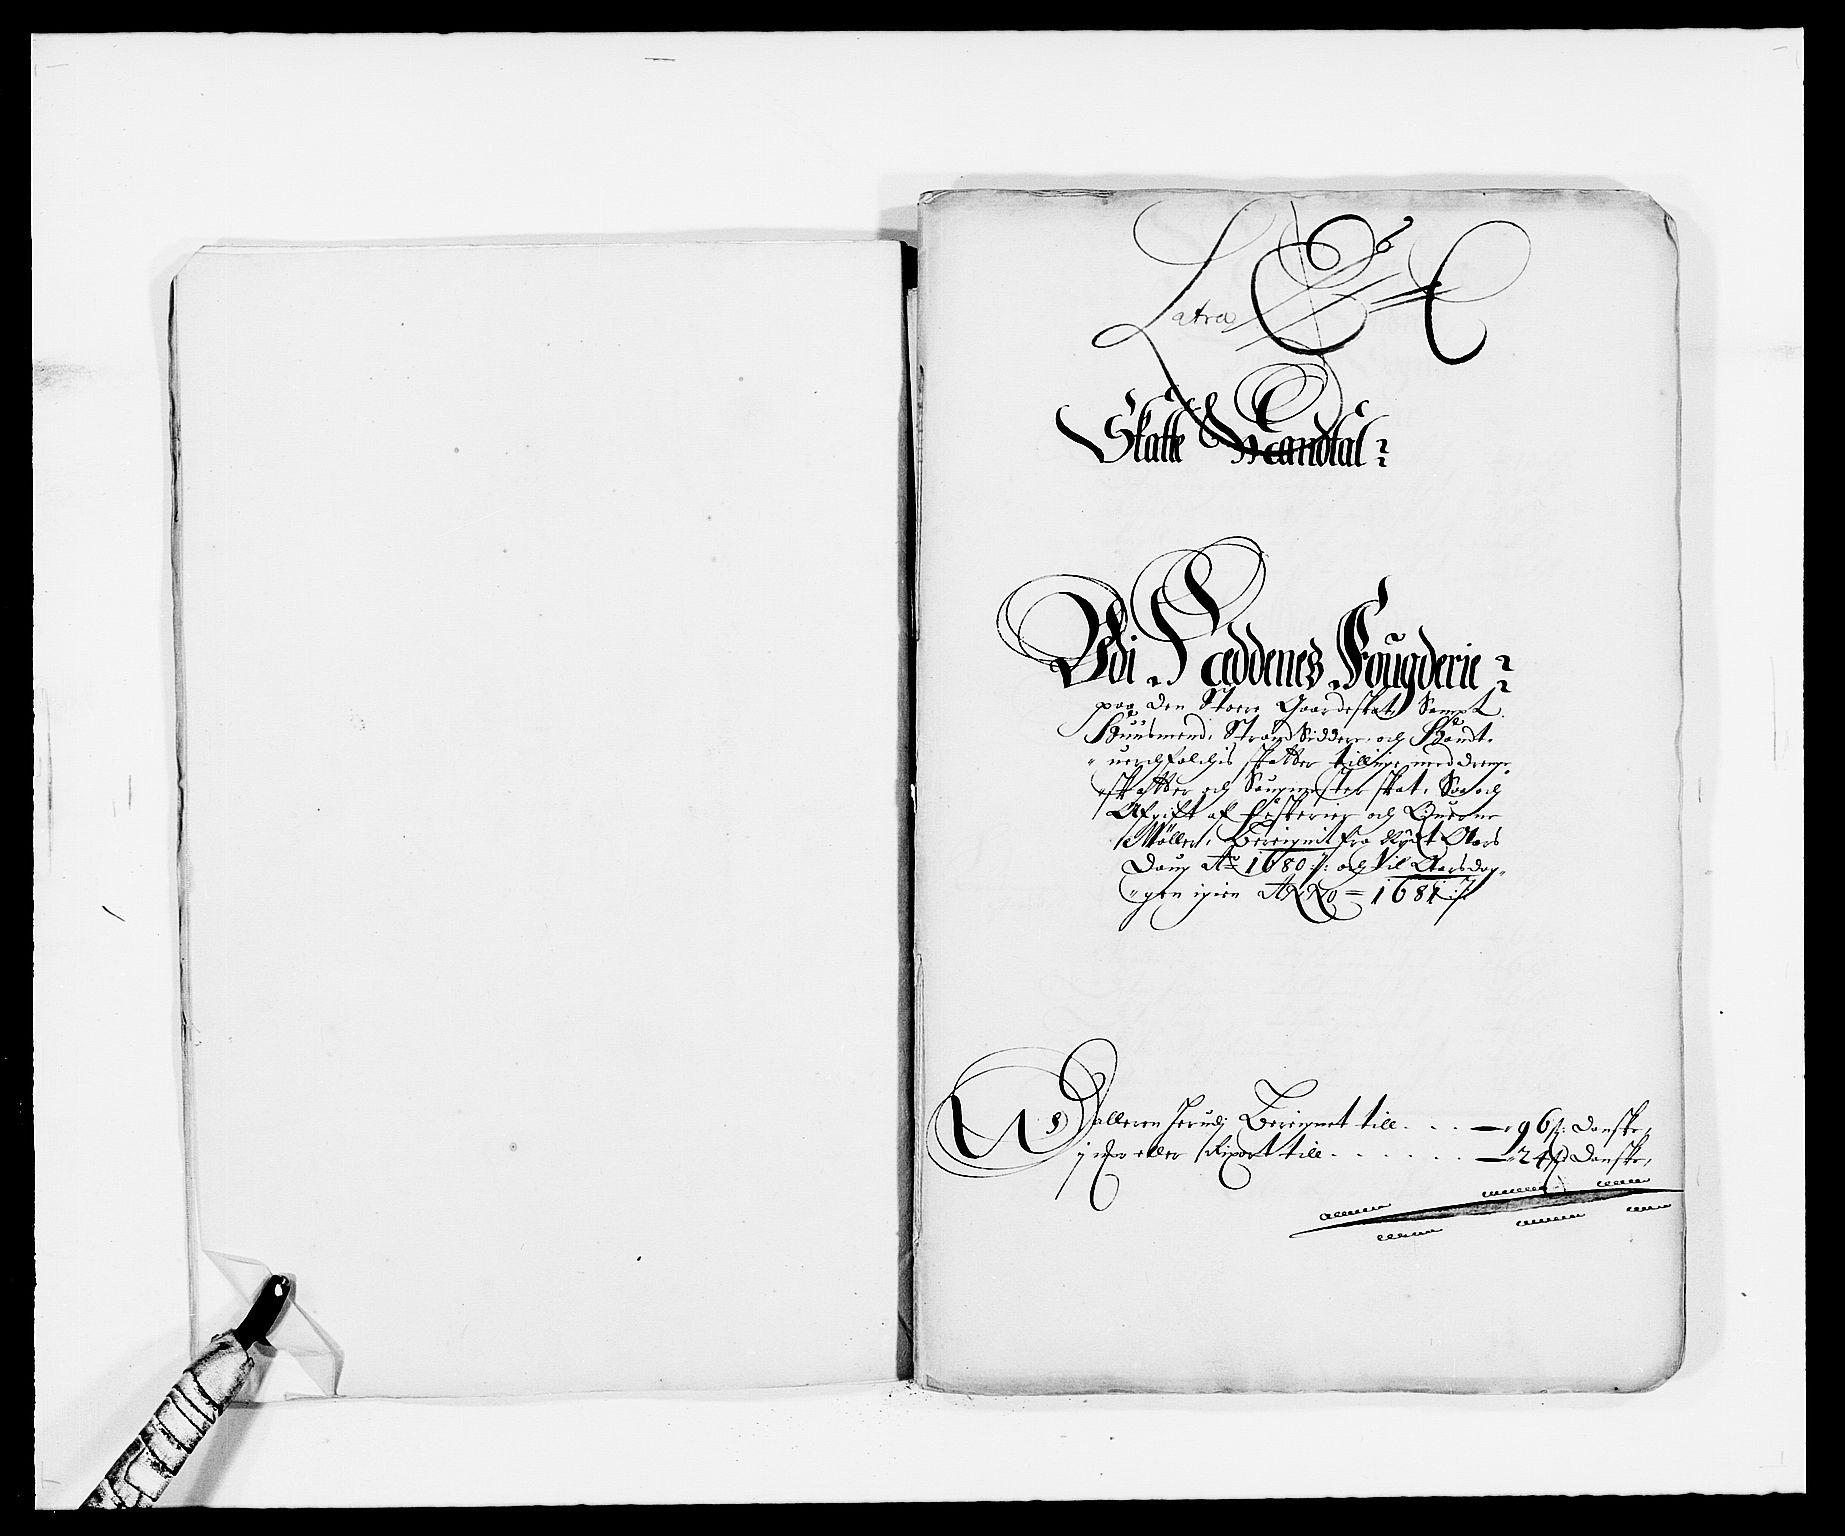 RA, Rentekammeret inntil 1814, Reviderte regnskaper, Fogderegnskap, R39/L2304: Fogderegnskap Nedenes, 1680-1682, s. 57